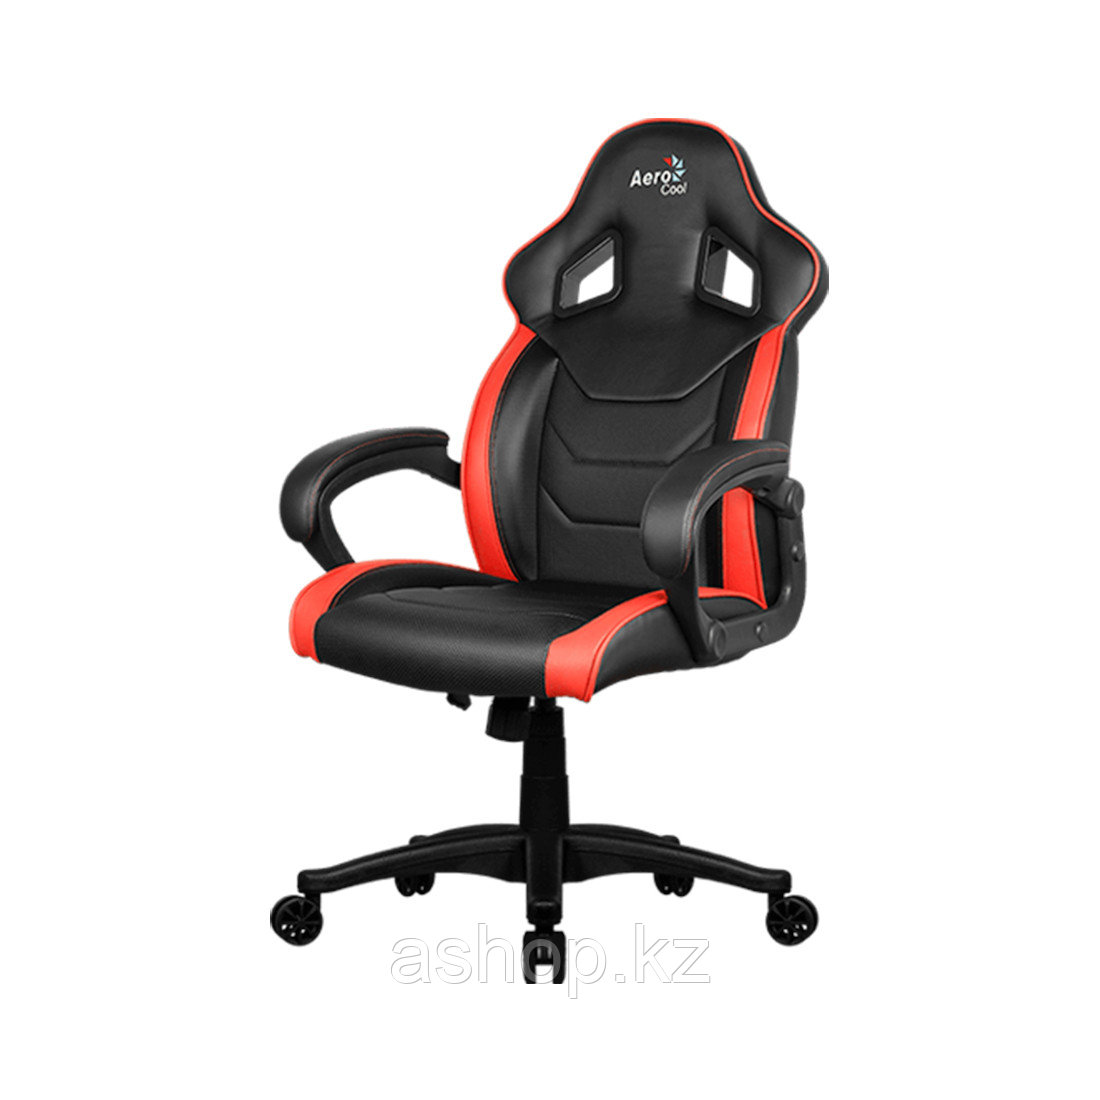 Кресло игровое AeroCool AC60C AIR, Нагрузка (max): 130 кг, Подлокотники, Подголовник, Вентиляция, Цвет: Чёрно-